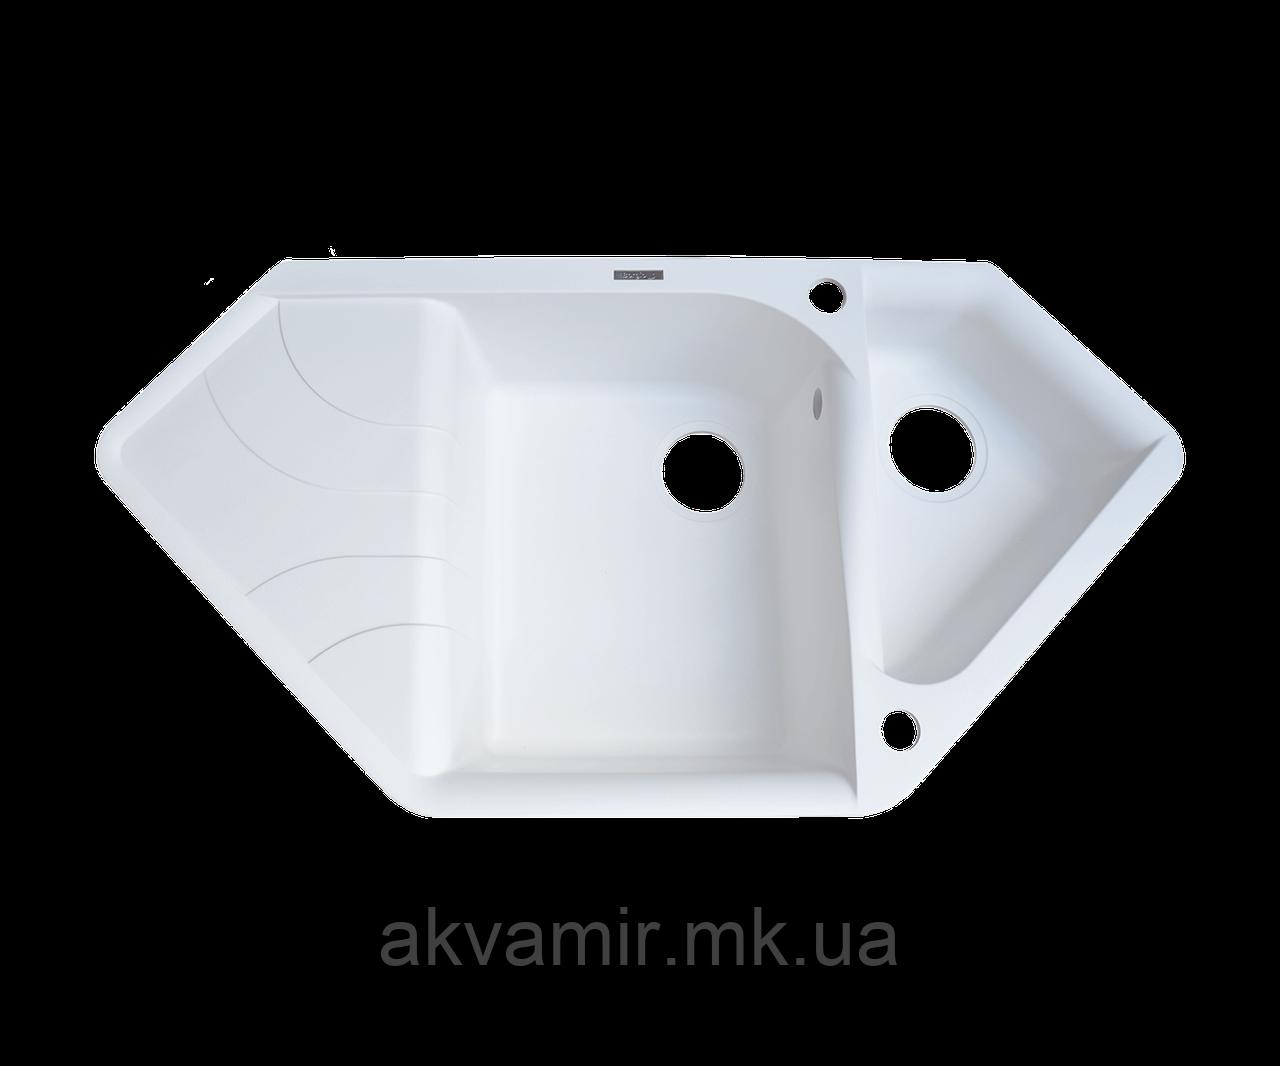 Мойка кухонная TRZ 1000x500 (белый)